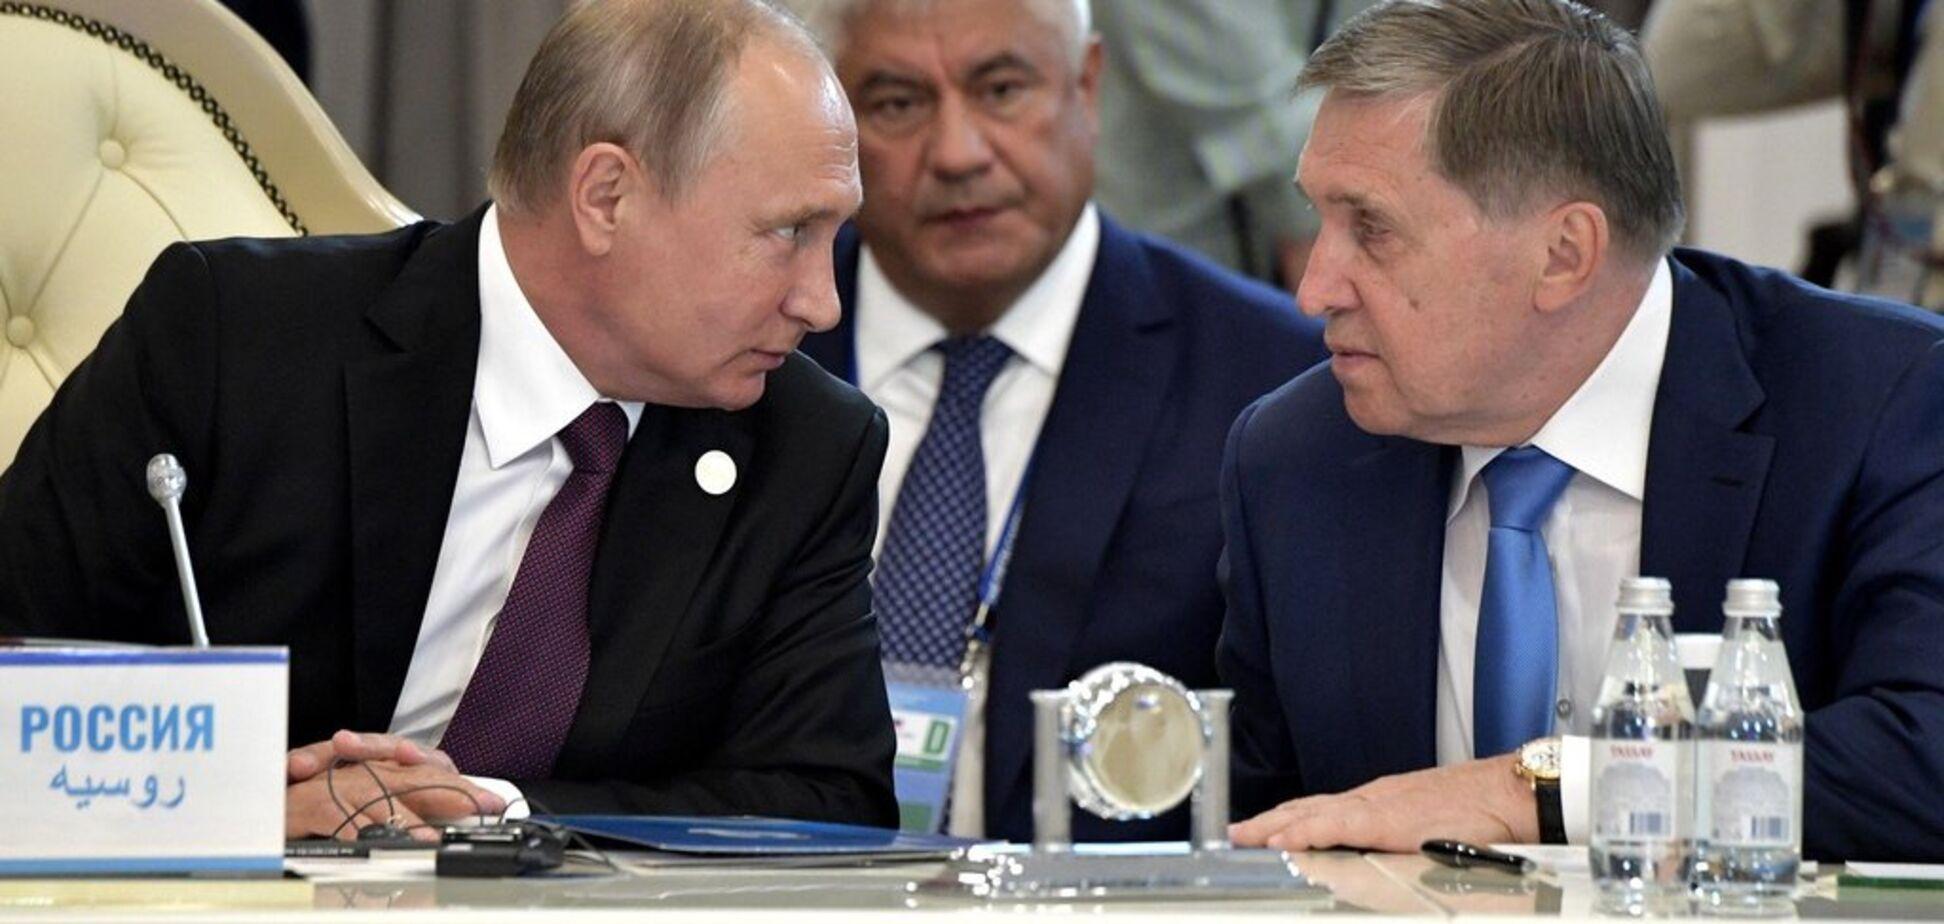 Угода десятиріччя: Путін і Ко розділили між собою море